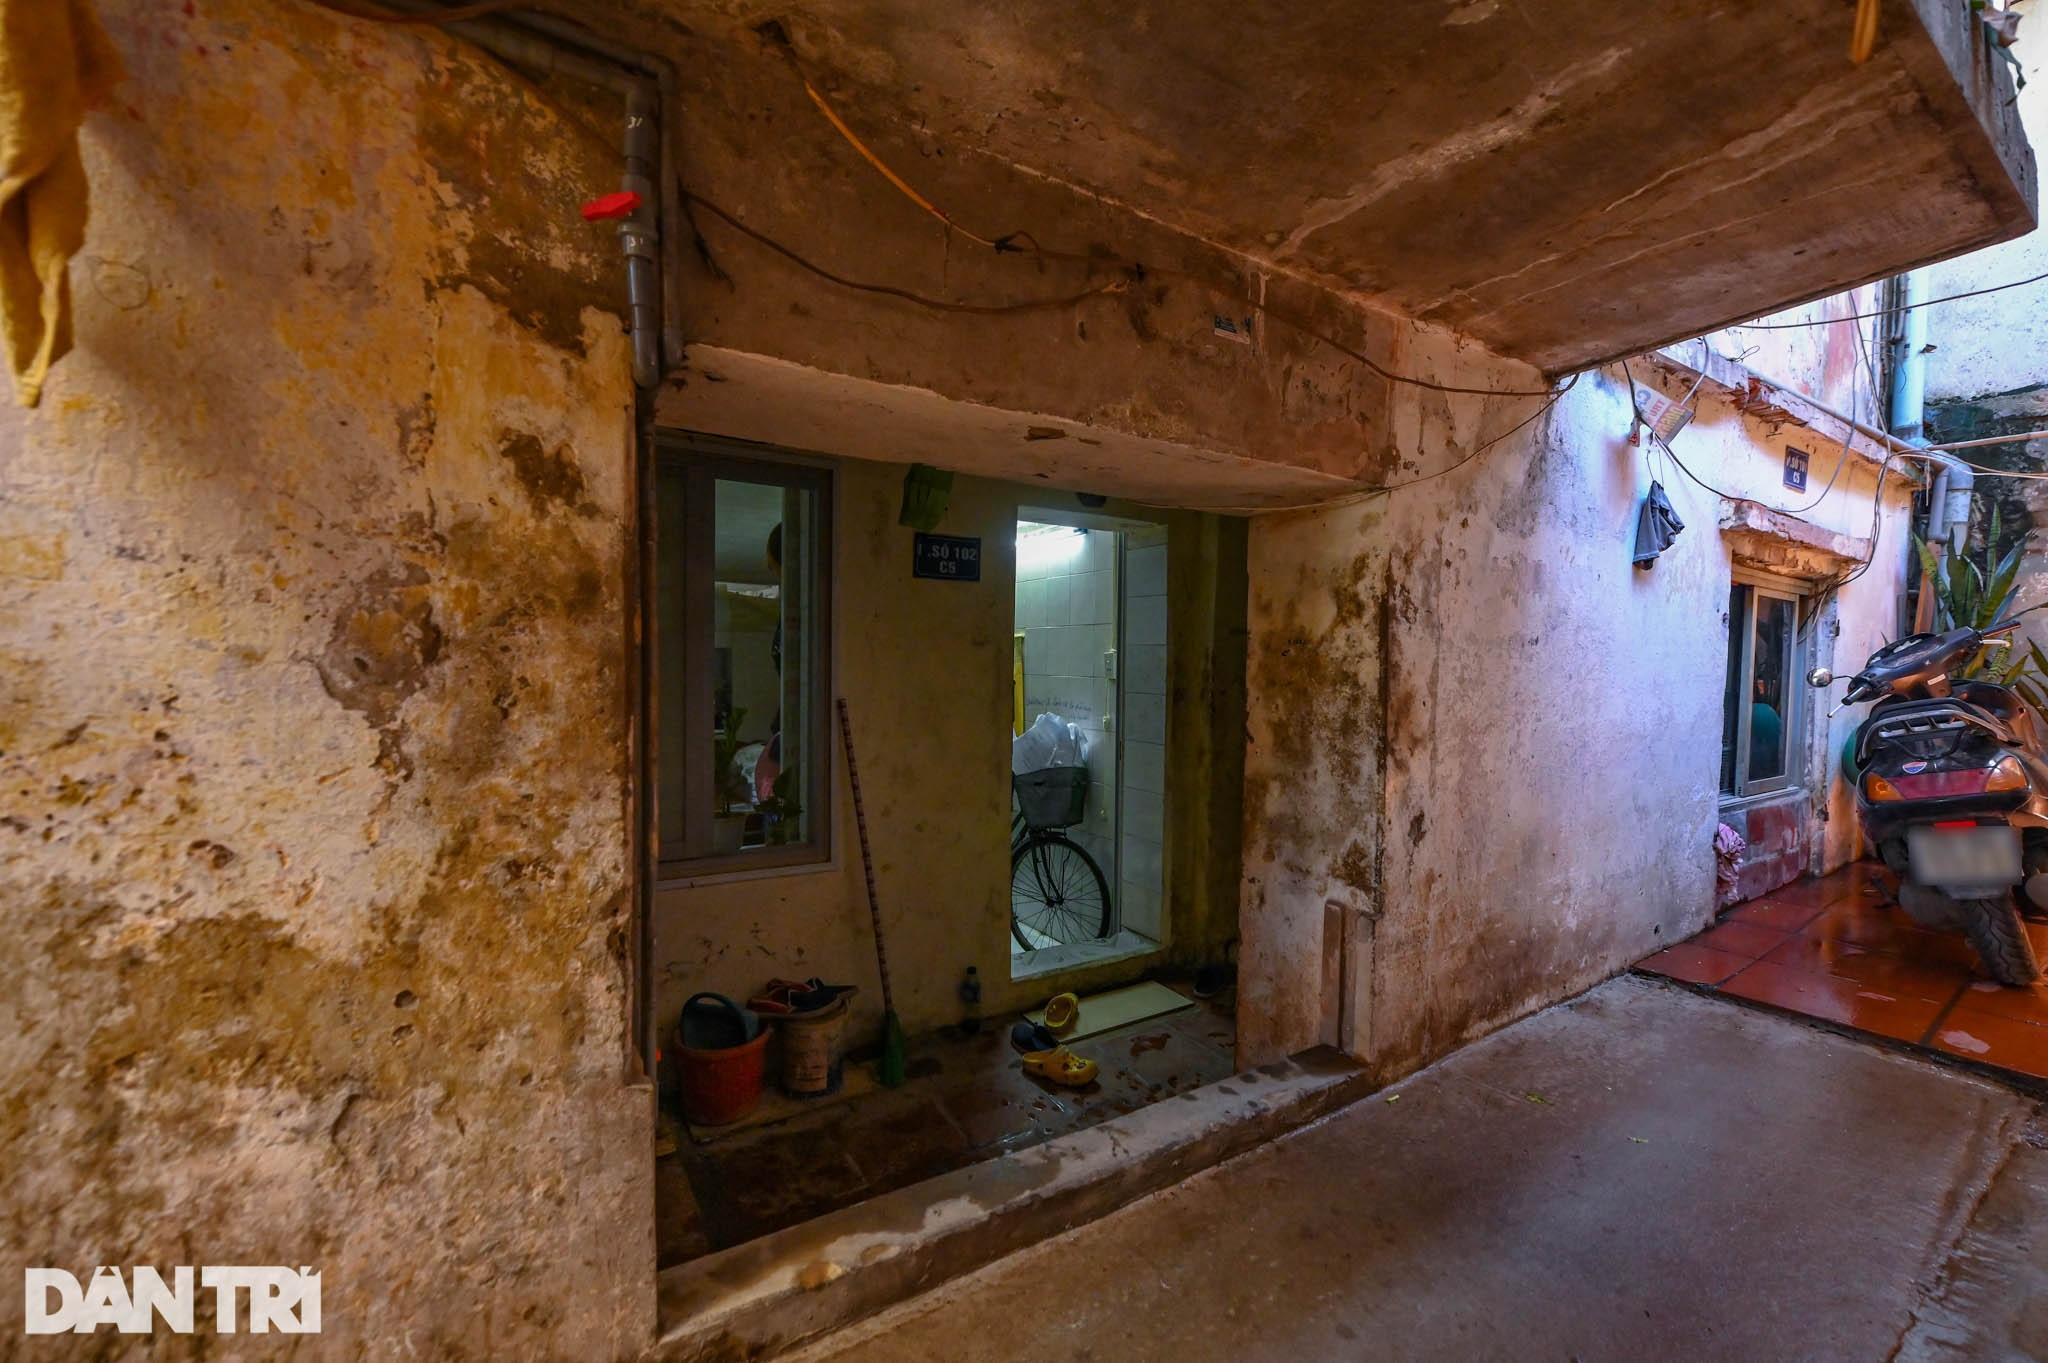 Nhà biến thành hầm ẩm thấp, dột nát tại chung cư tập thể cũ Hà Nội - 3